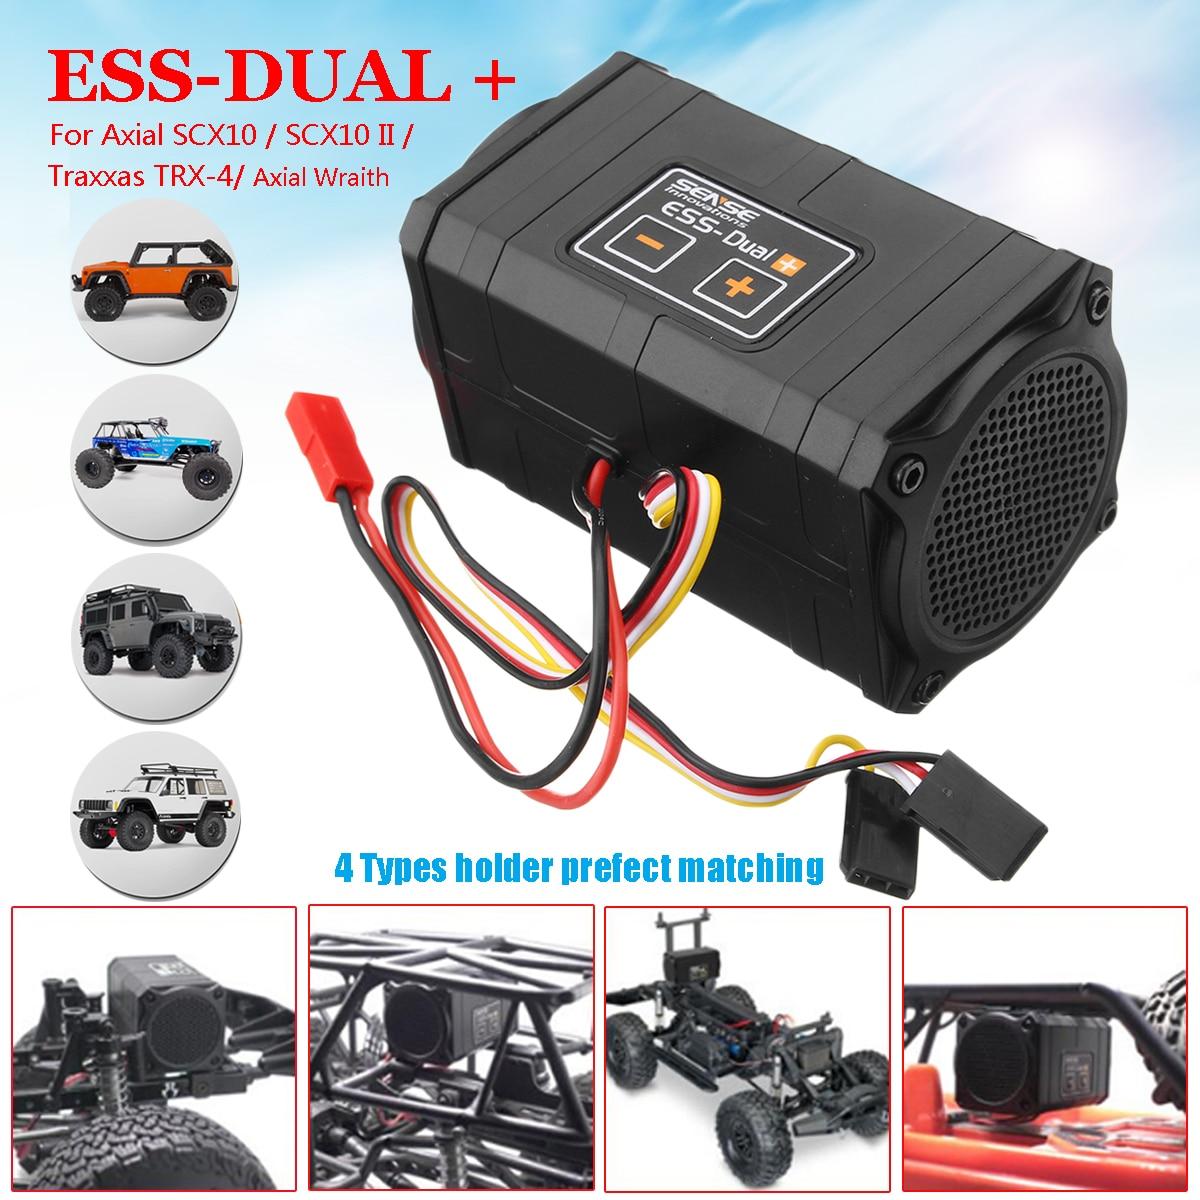 Sens Innovations DOUBLE Plus Son Moteur Simulateur Axiale SCX10 II TRX-4 Pièces et Accessoires RC/PLUS L'application Firmware mise à niveau